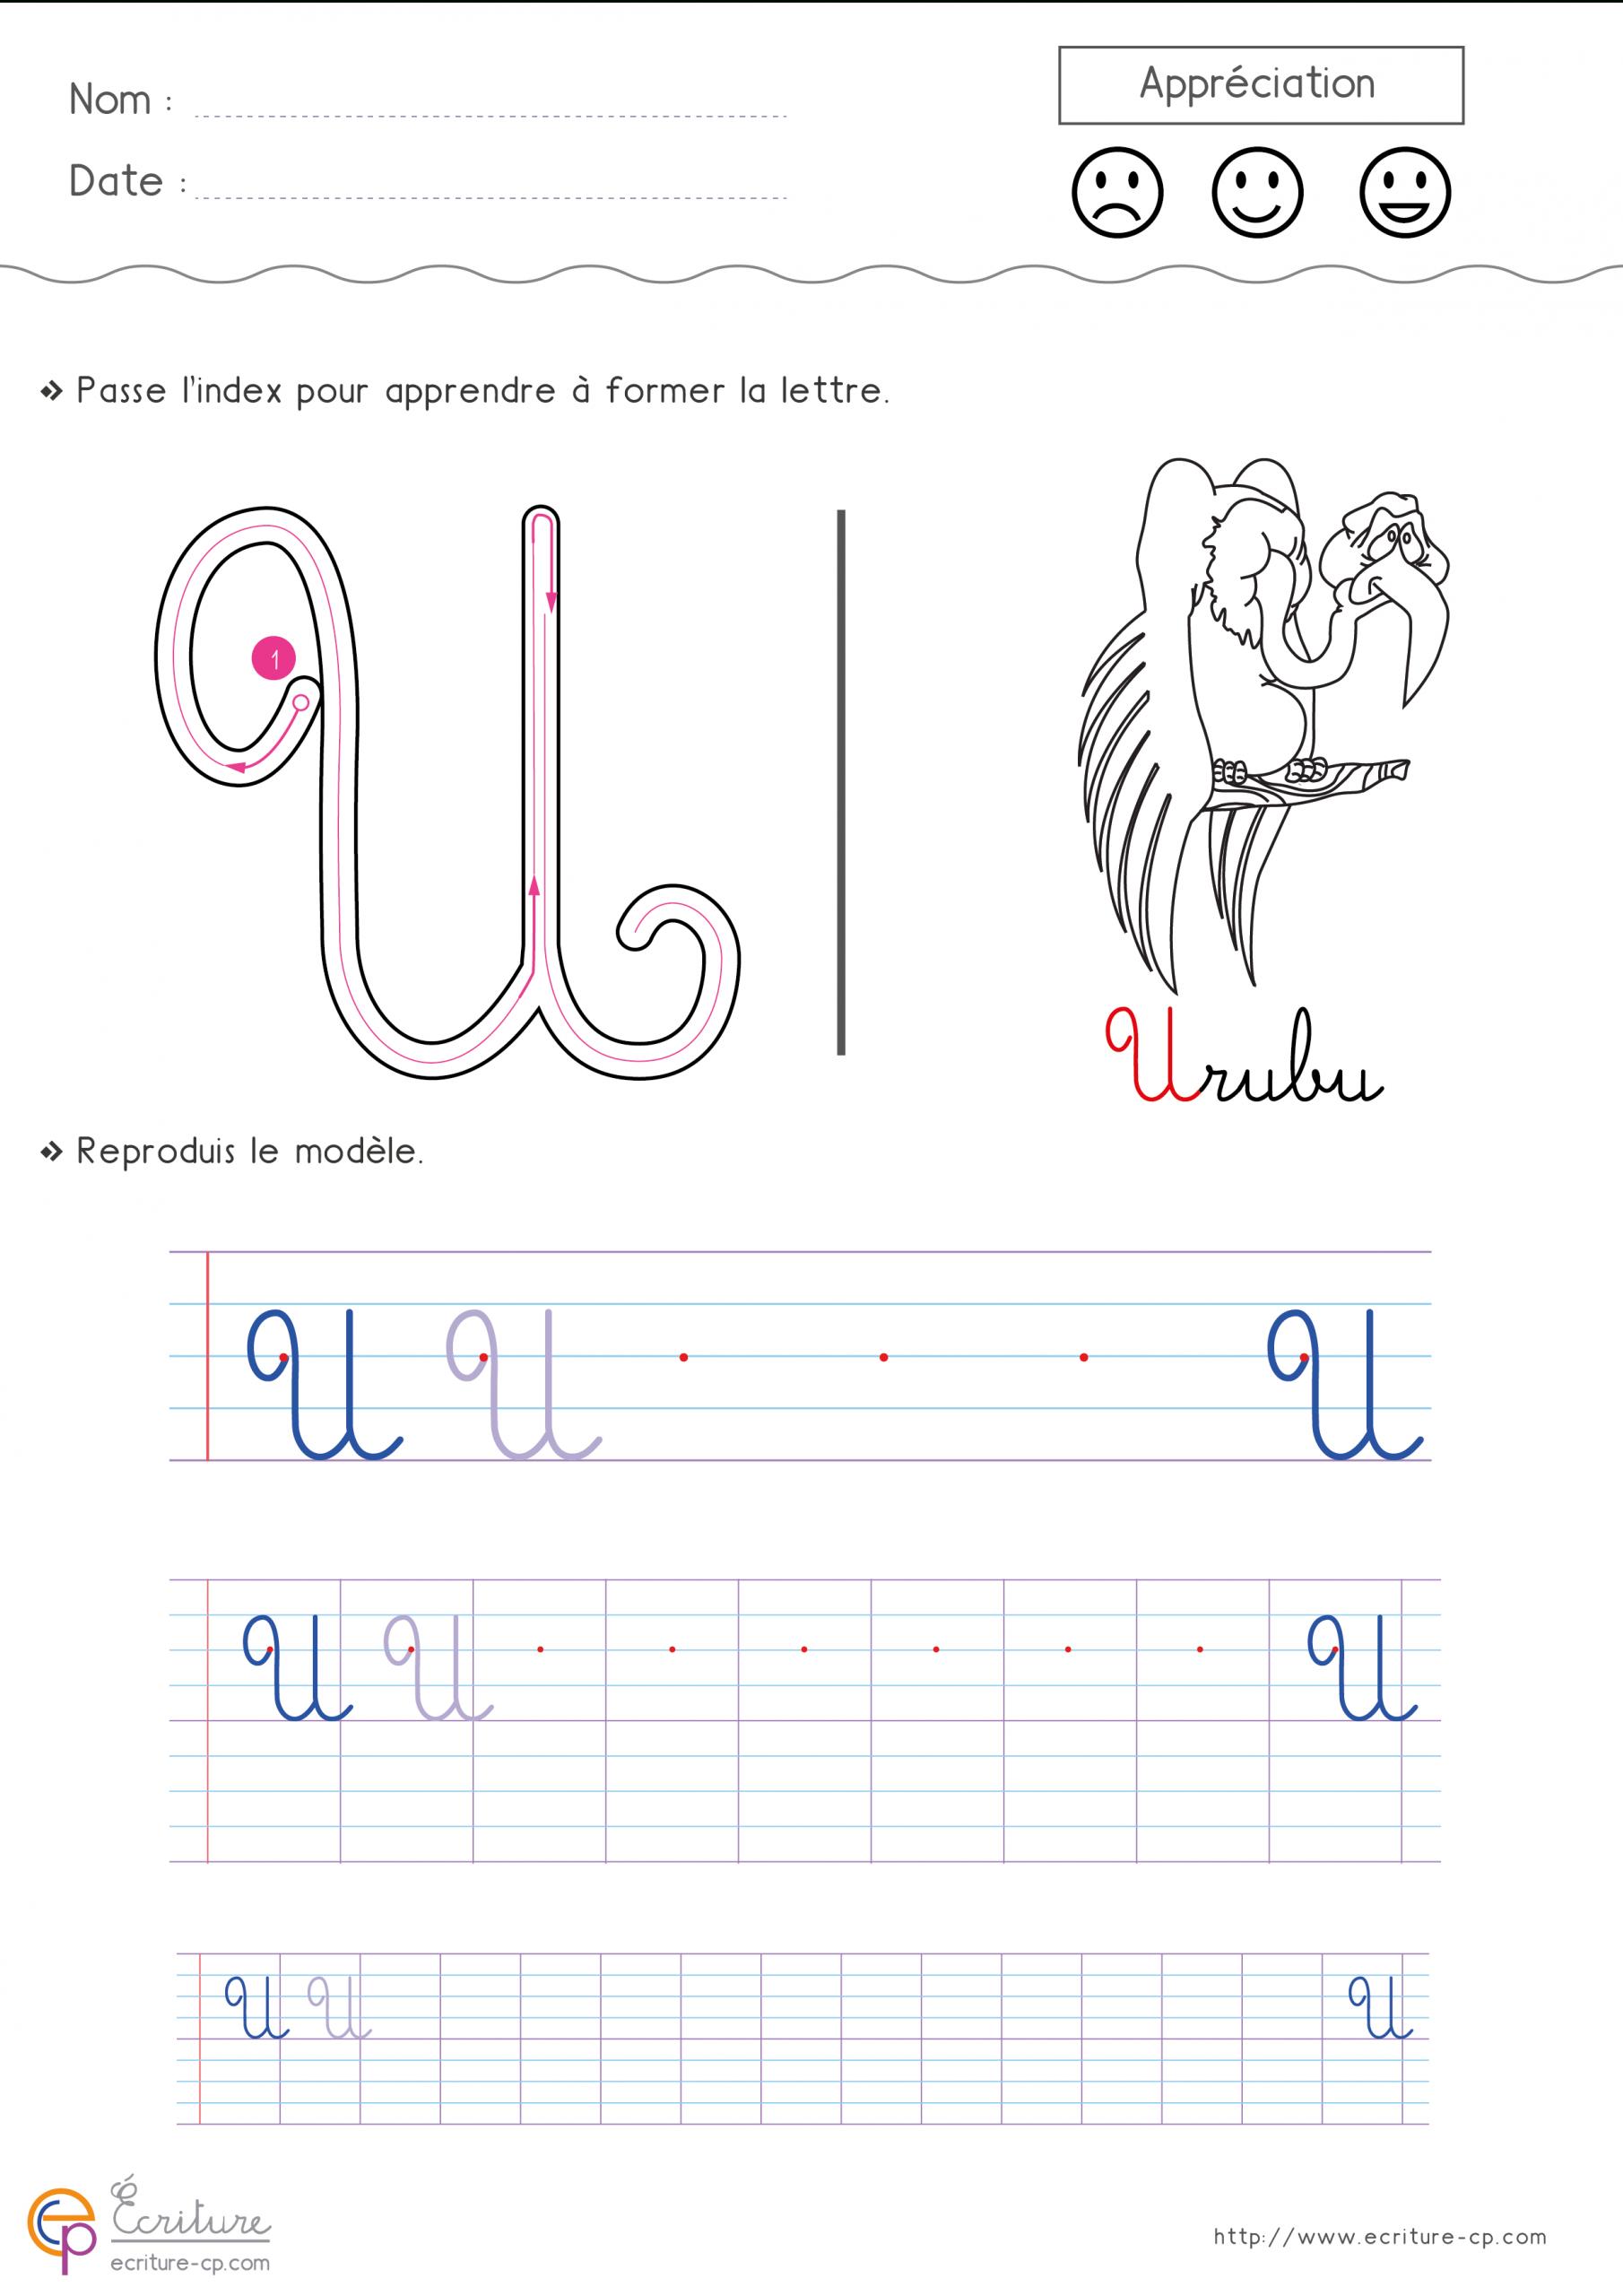 Épinglé Sur Gs dedans Apprendre A Ecrire Les Lettres En Majuscule